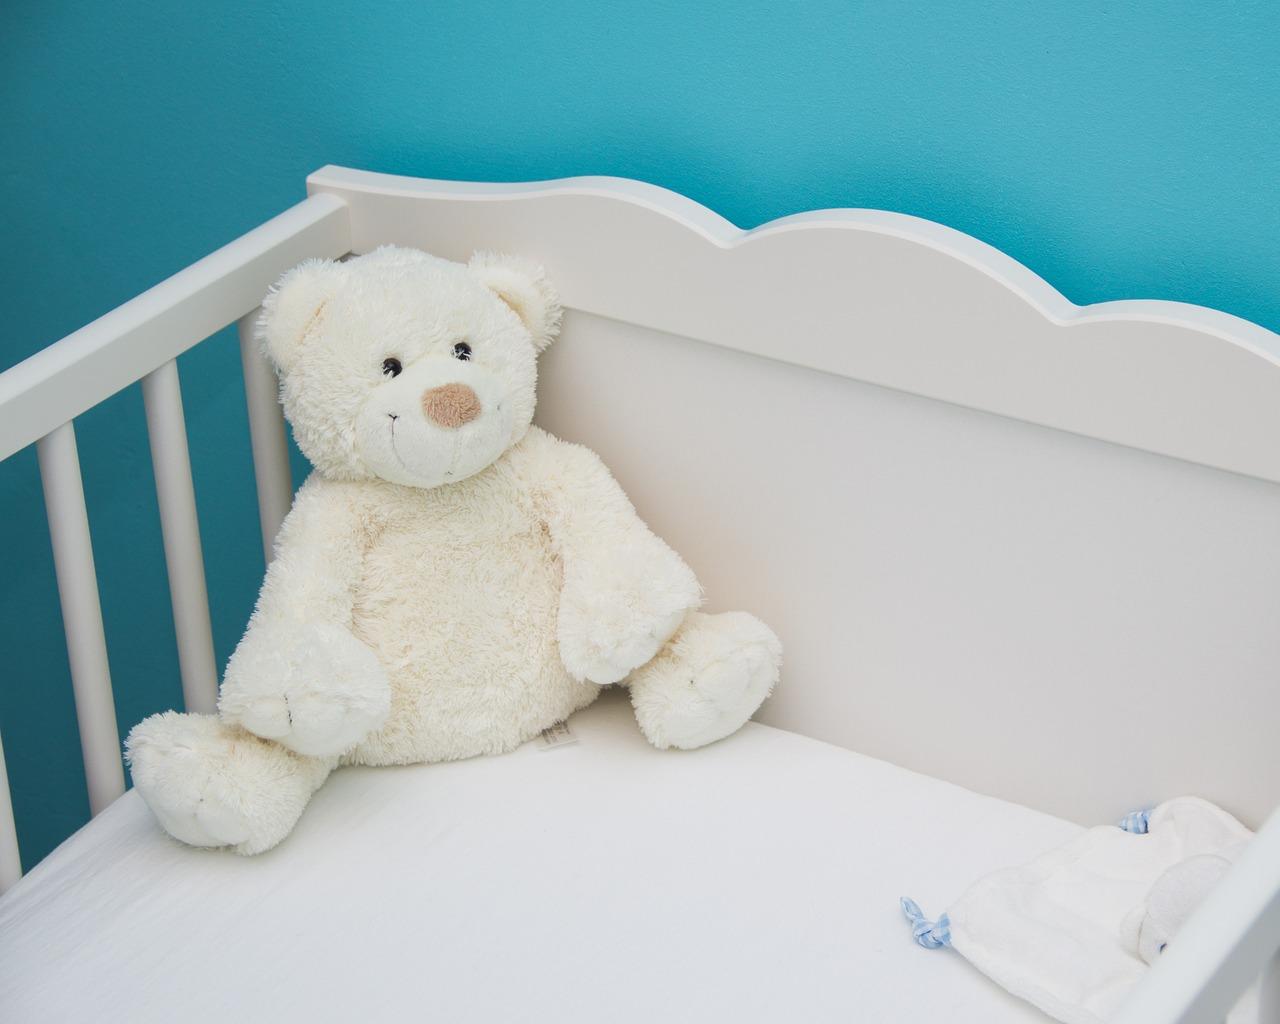 Smart Crib, Tempat Tidur Otomatis untuk Si Kecil yang Baru Lahir